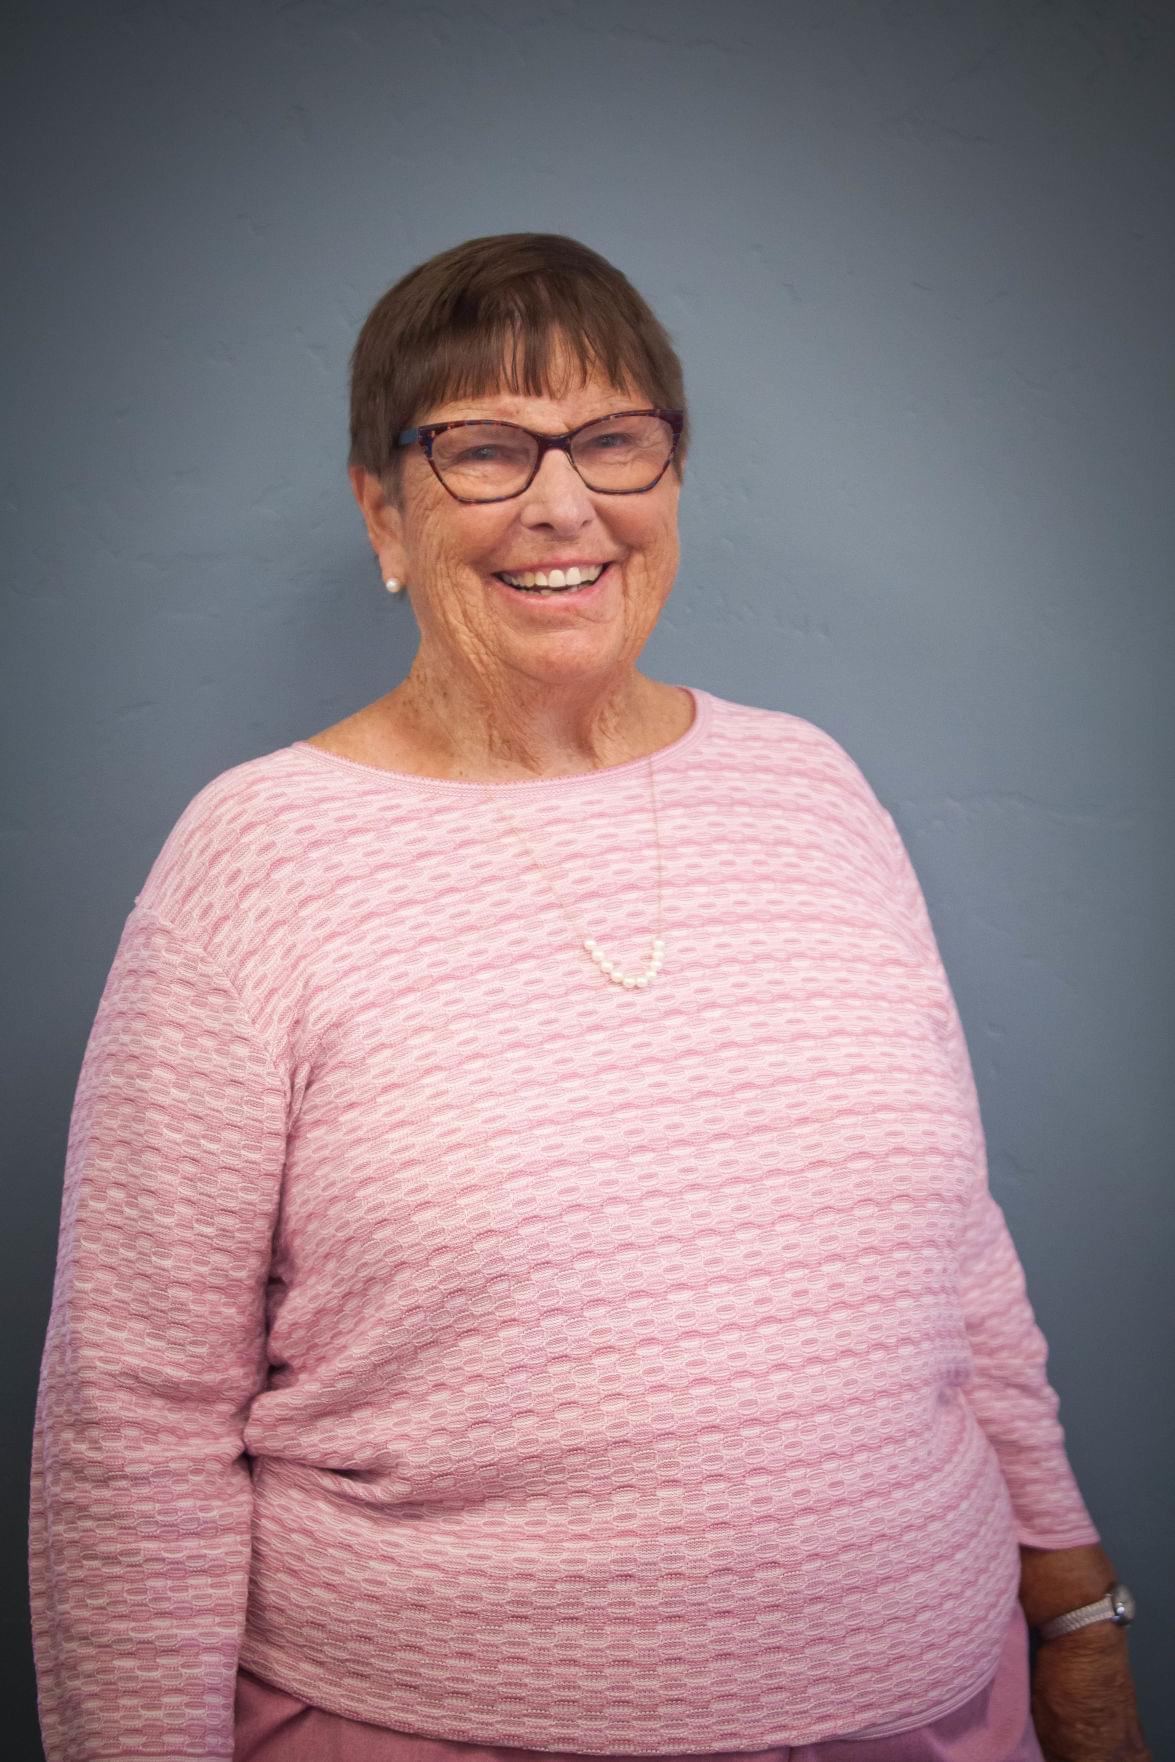 Longtime Educator Jan Graves Makes Her Case for the KHSD Board